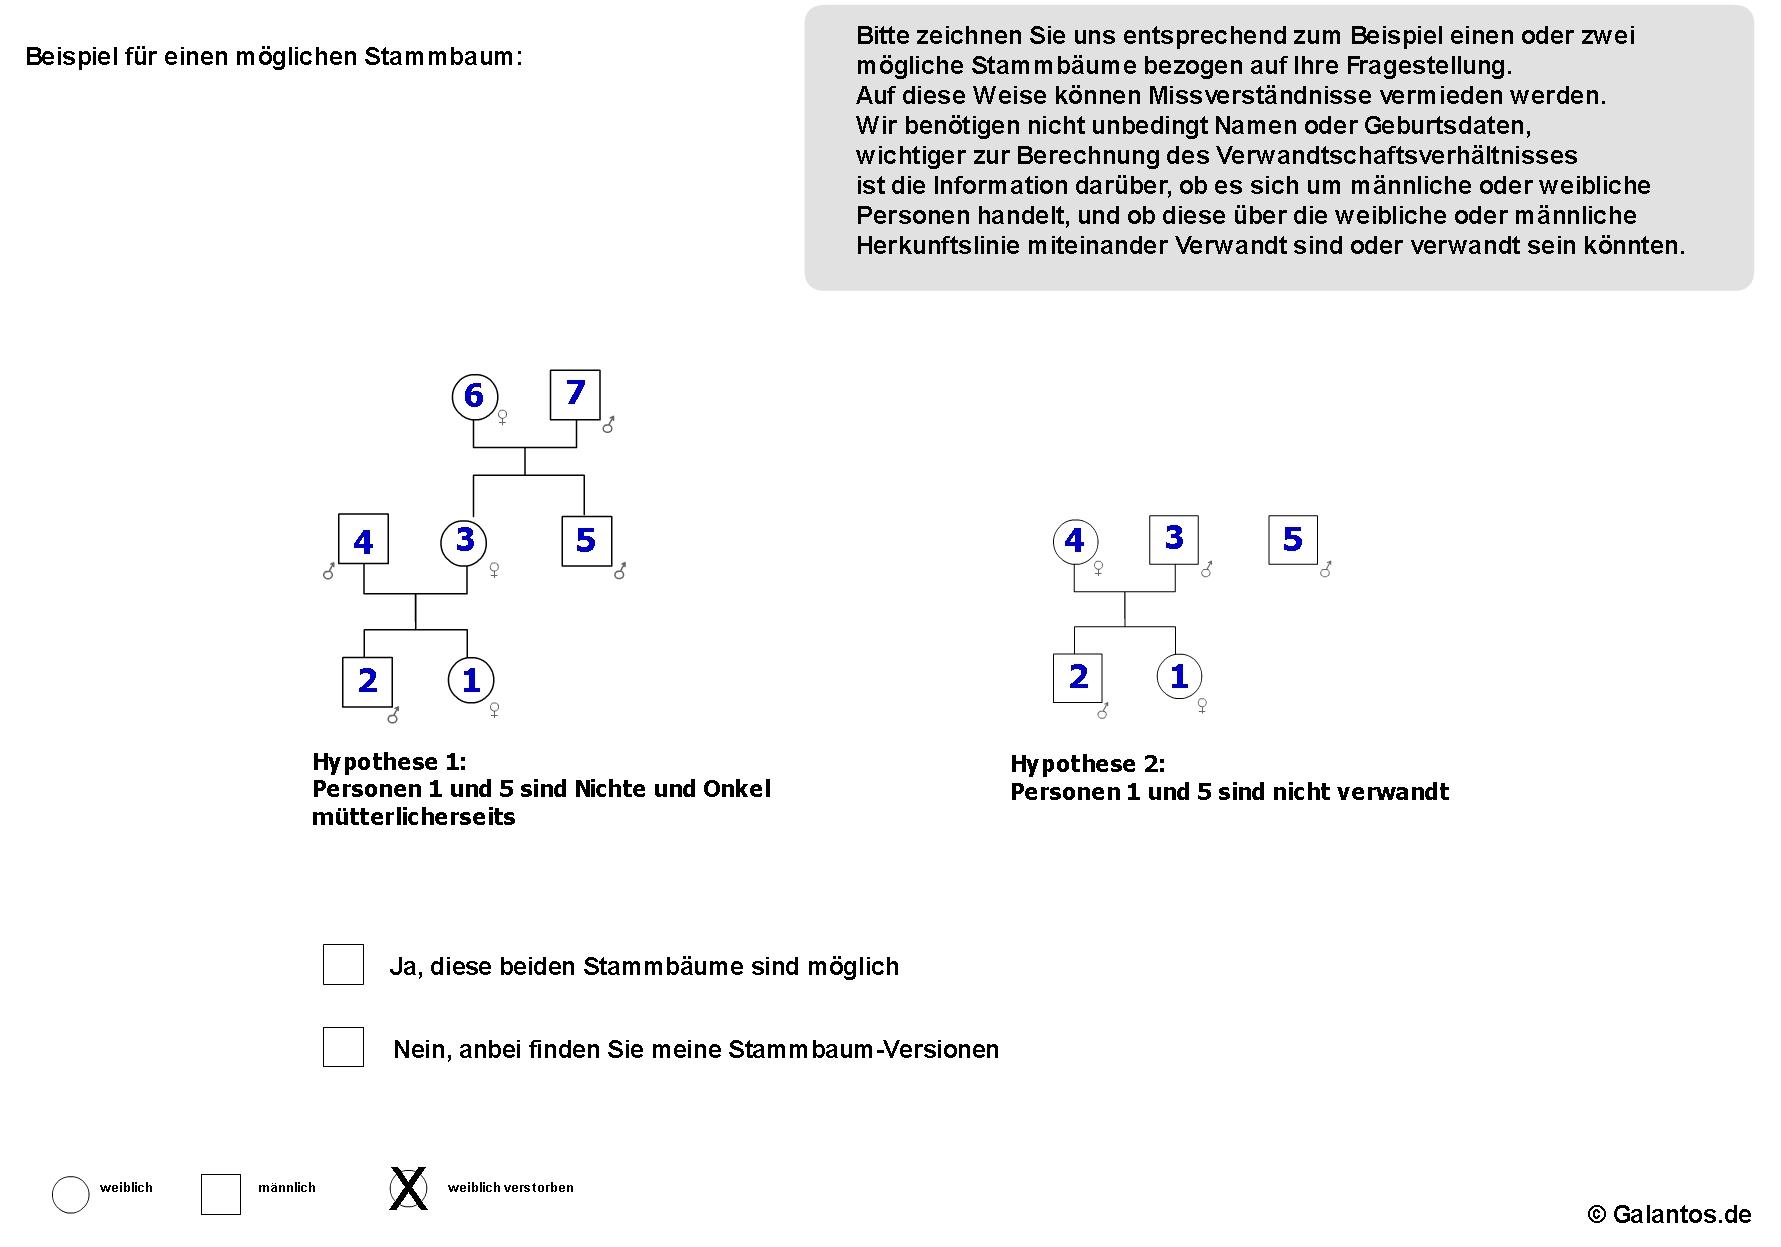 Schön Stammbaum Gliederung Vorlage Zeitgenössisch - Beispiel ...